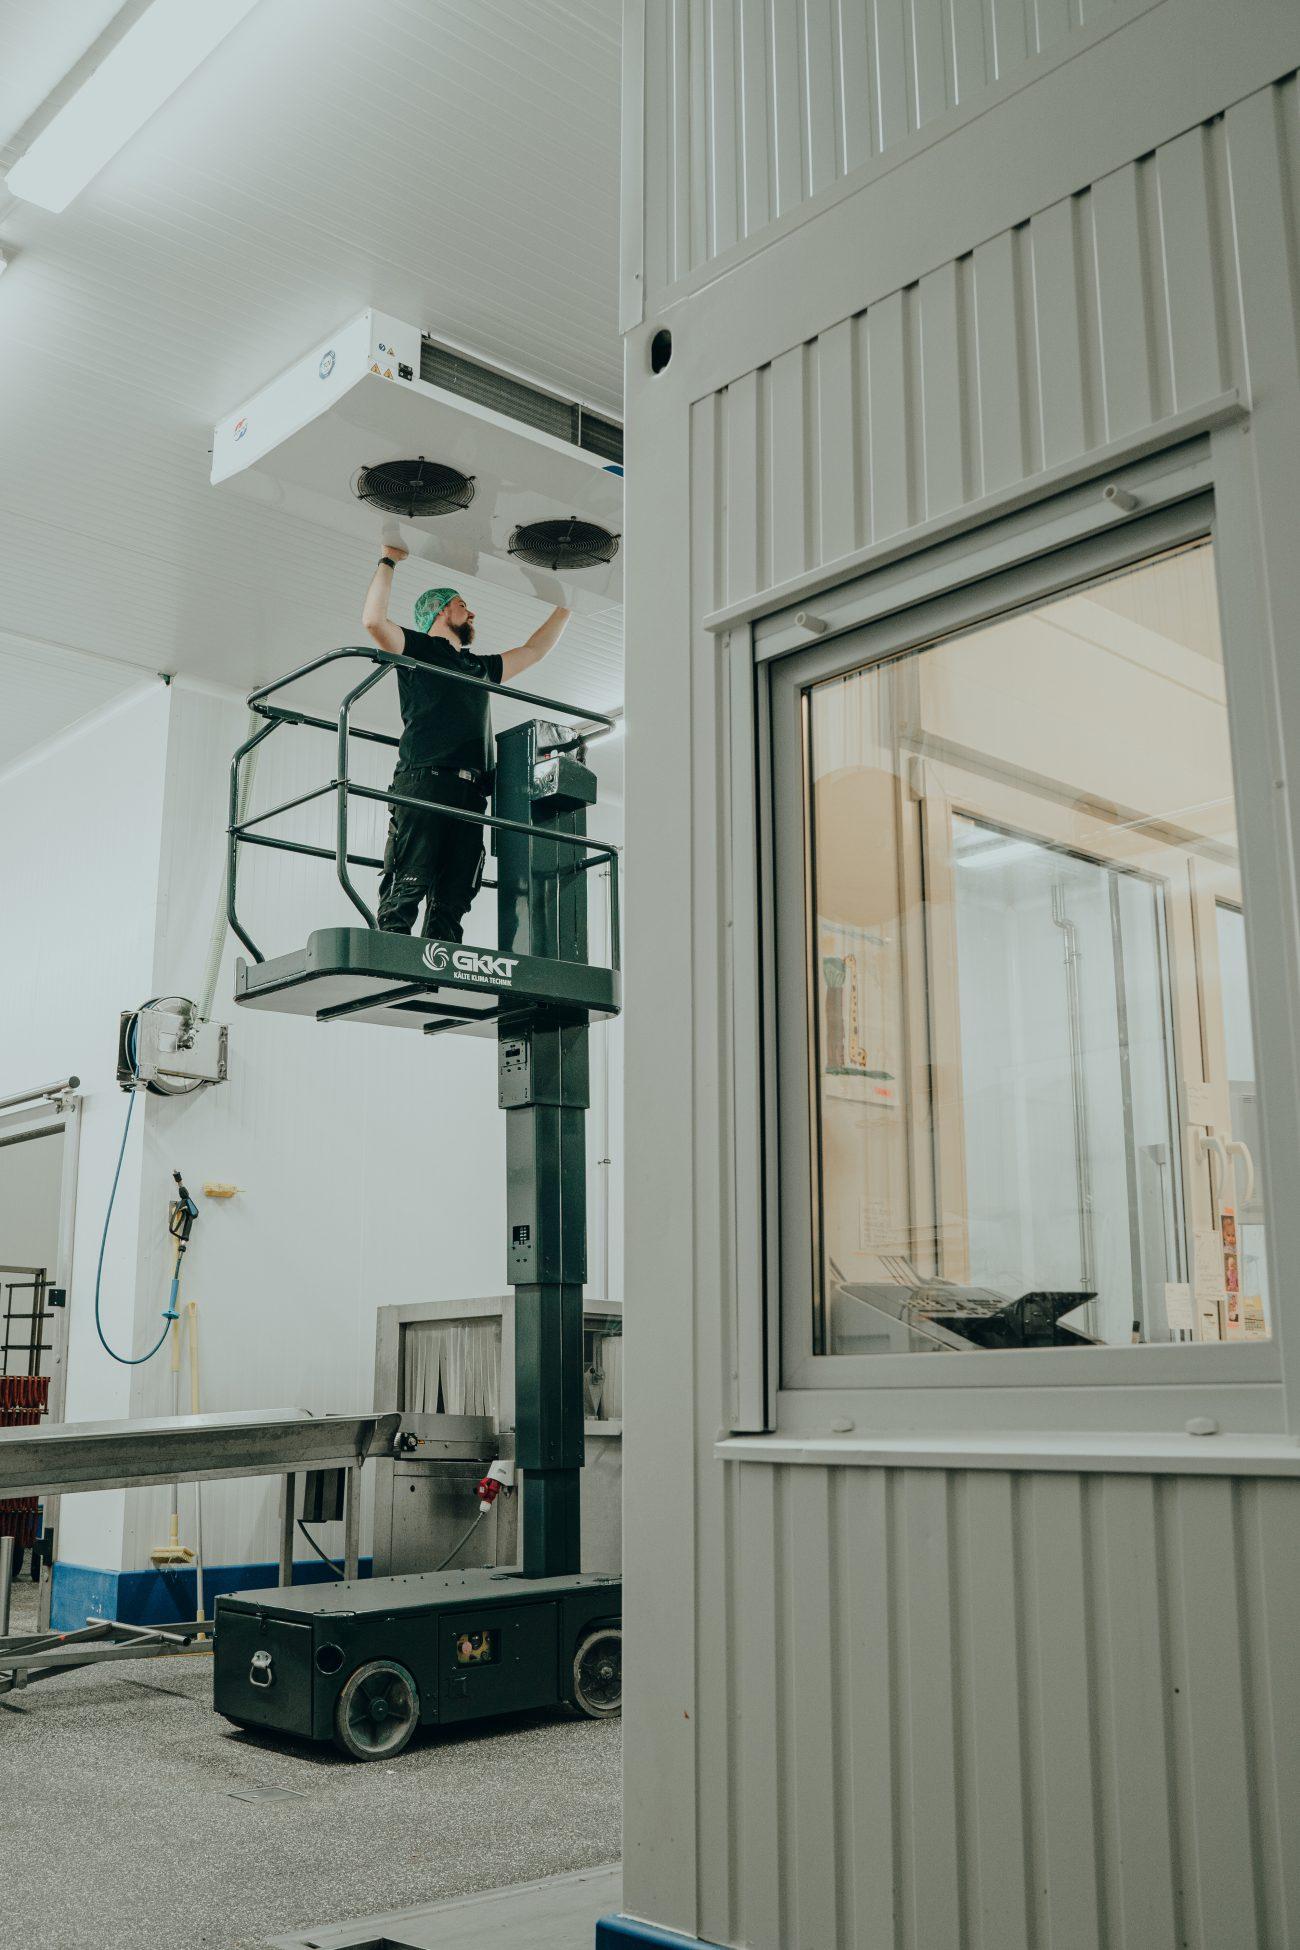 Wartung der Deckeneinheit einer Industriebekühlung mit Ameise durch G-KKT